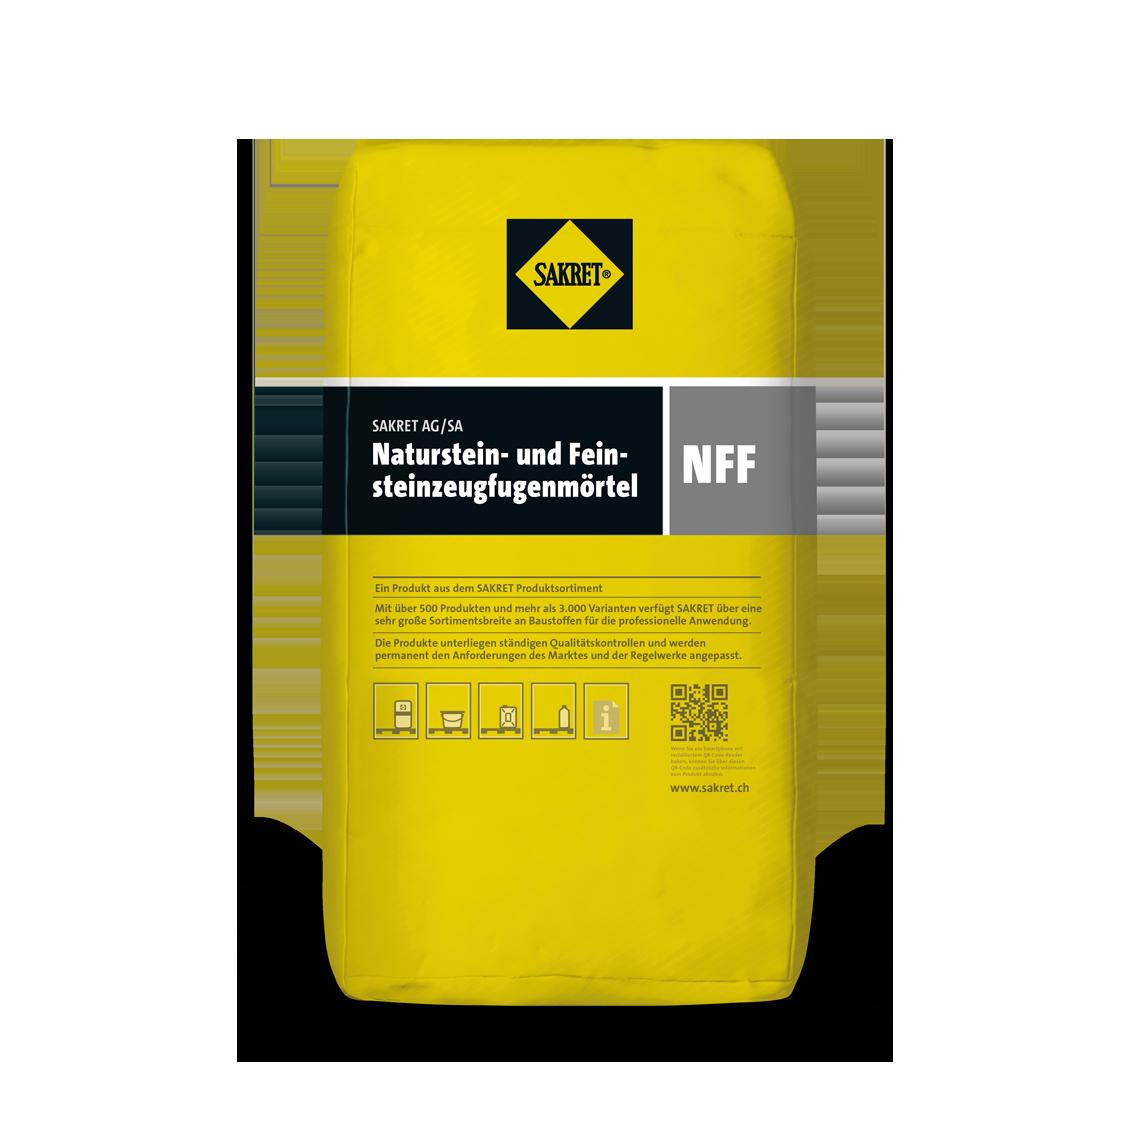 SAKRET Naturstein- und Feinsteinzeugfugenmörtel NFF